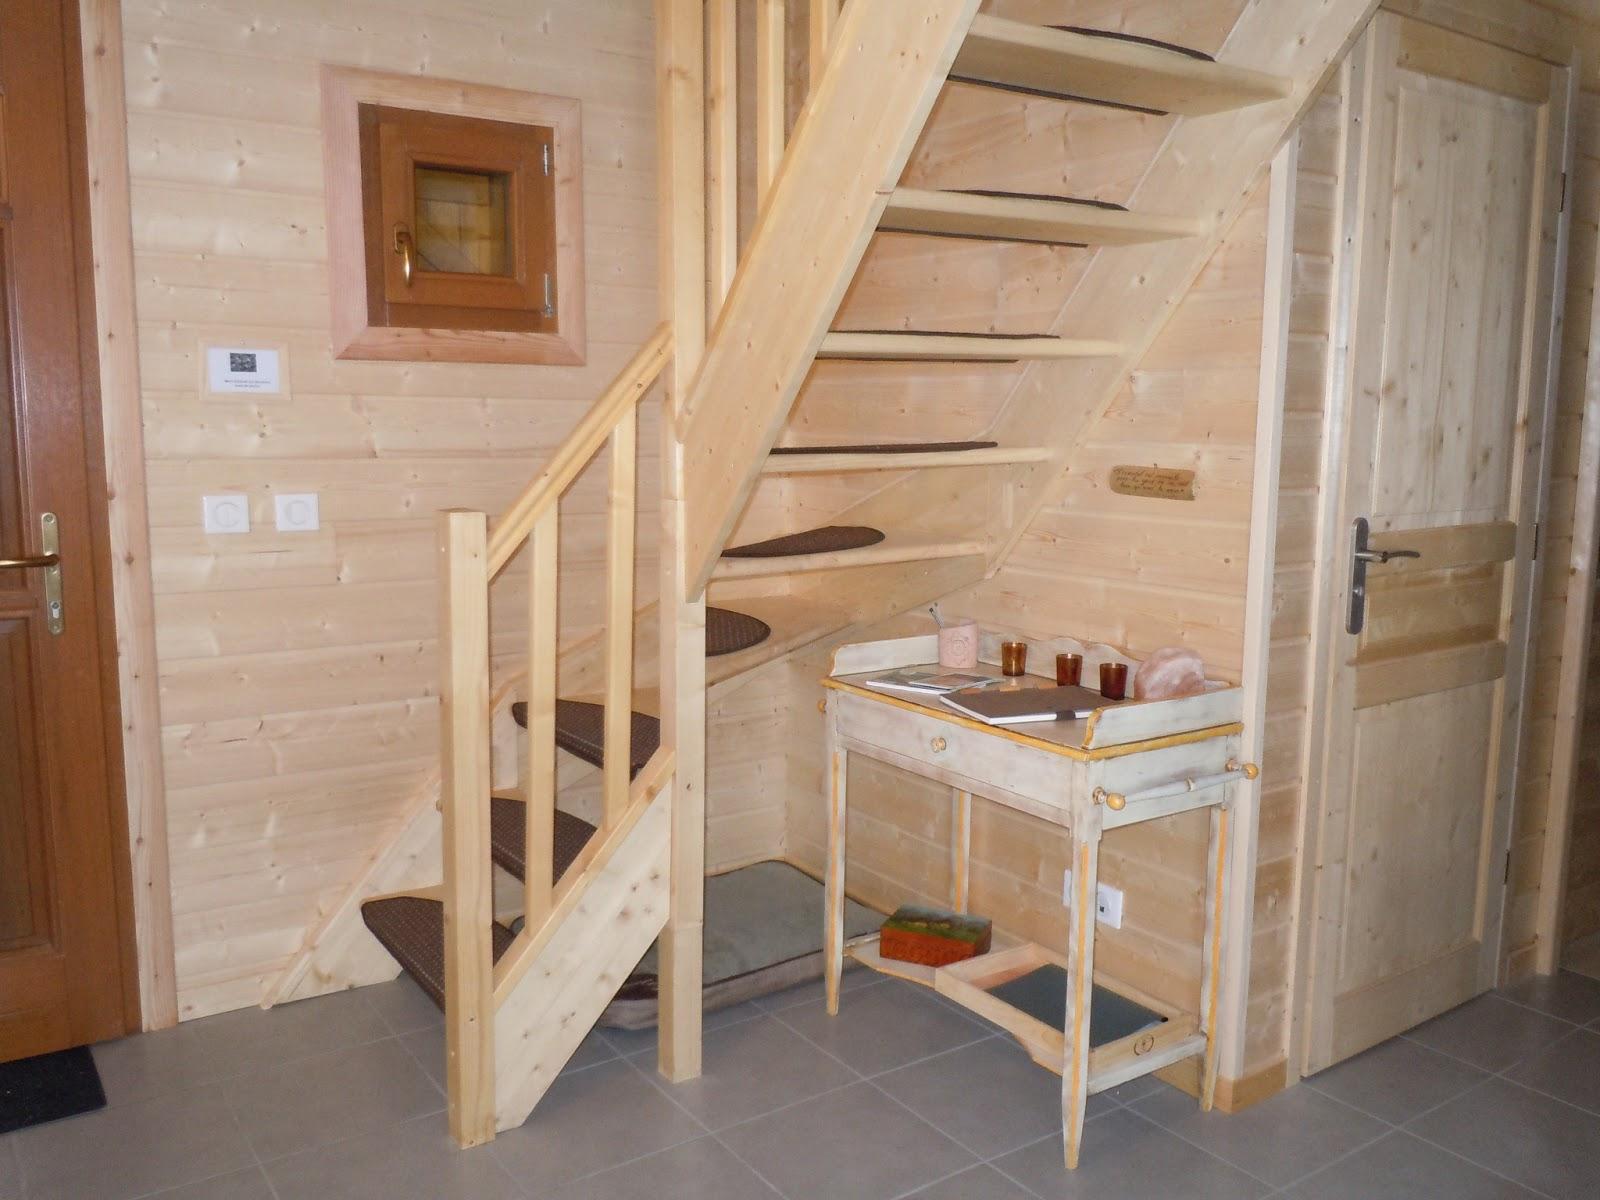 Wc Sous Escalier Feng Shui chalet le petit nid zen : esprit feng shui